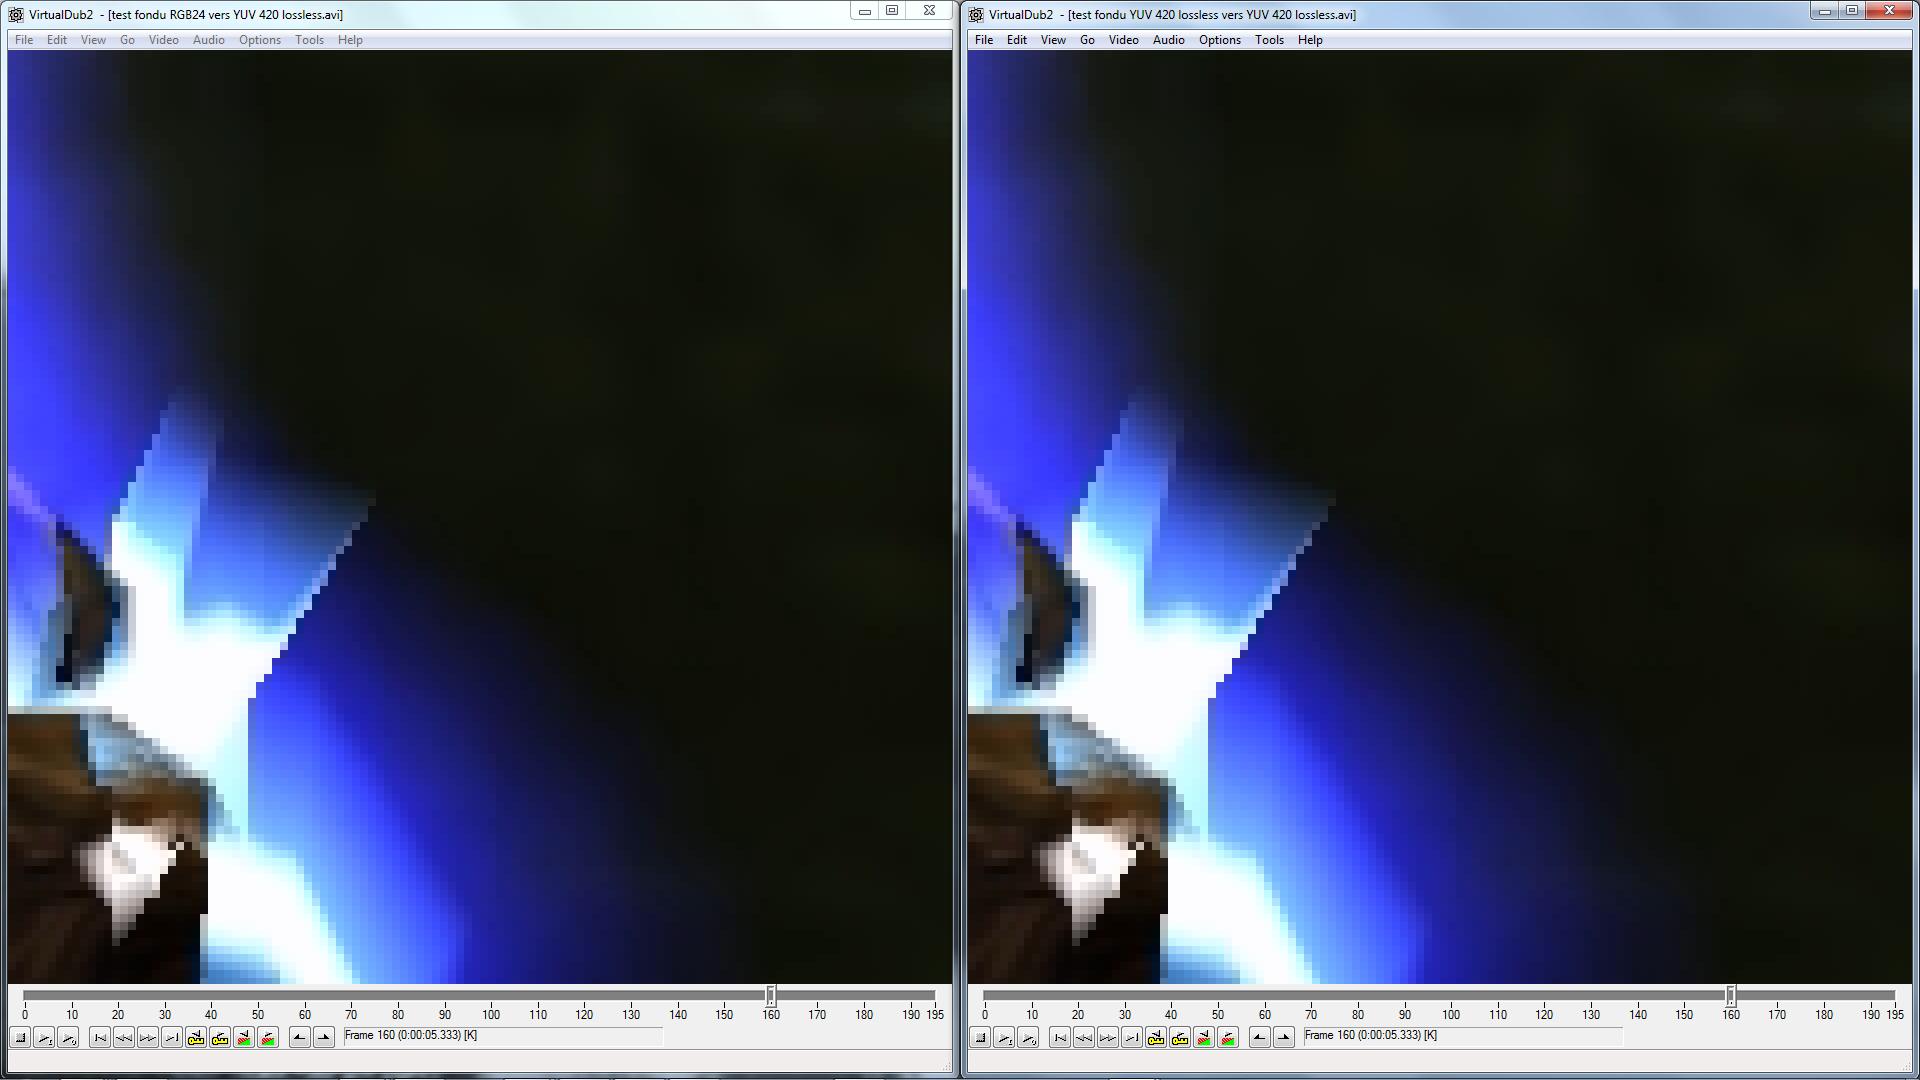 06 - Comparaison RGB24-YUV420 vs YUV-YUV420 - avant fondu.png